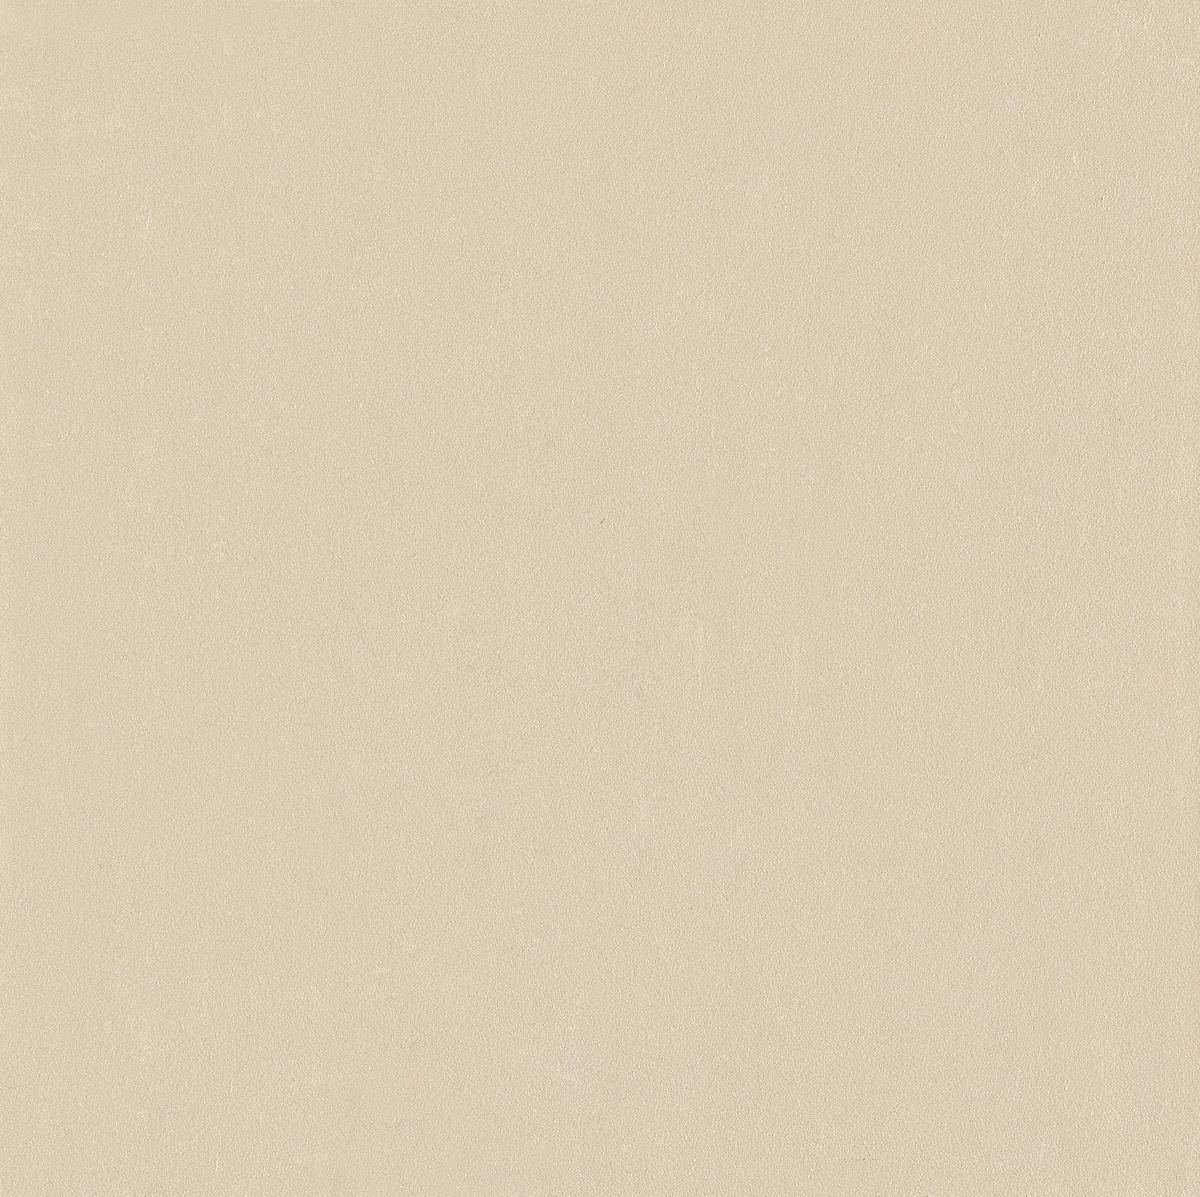 瓷磚 - 摩卡系列 - 啞面象牙 300x600mm (8塊)